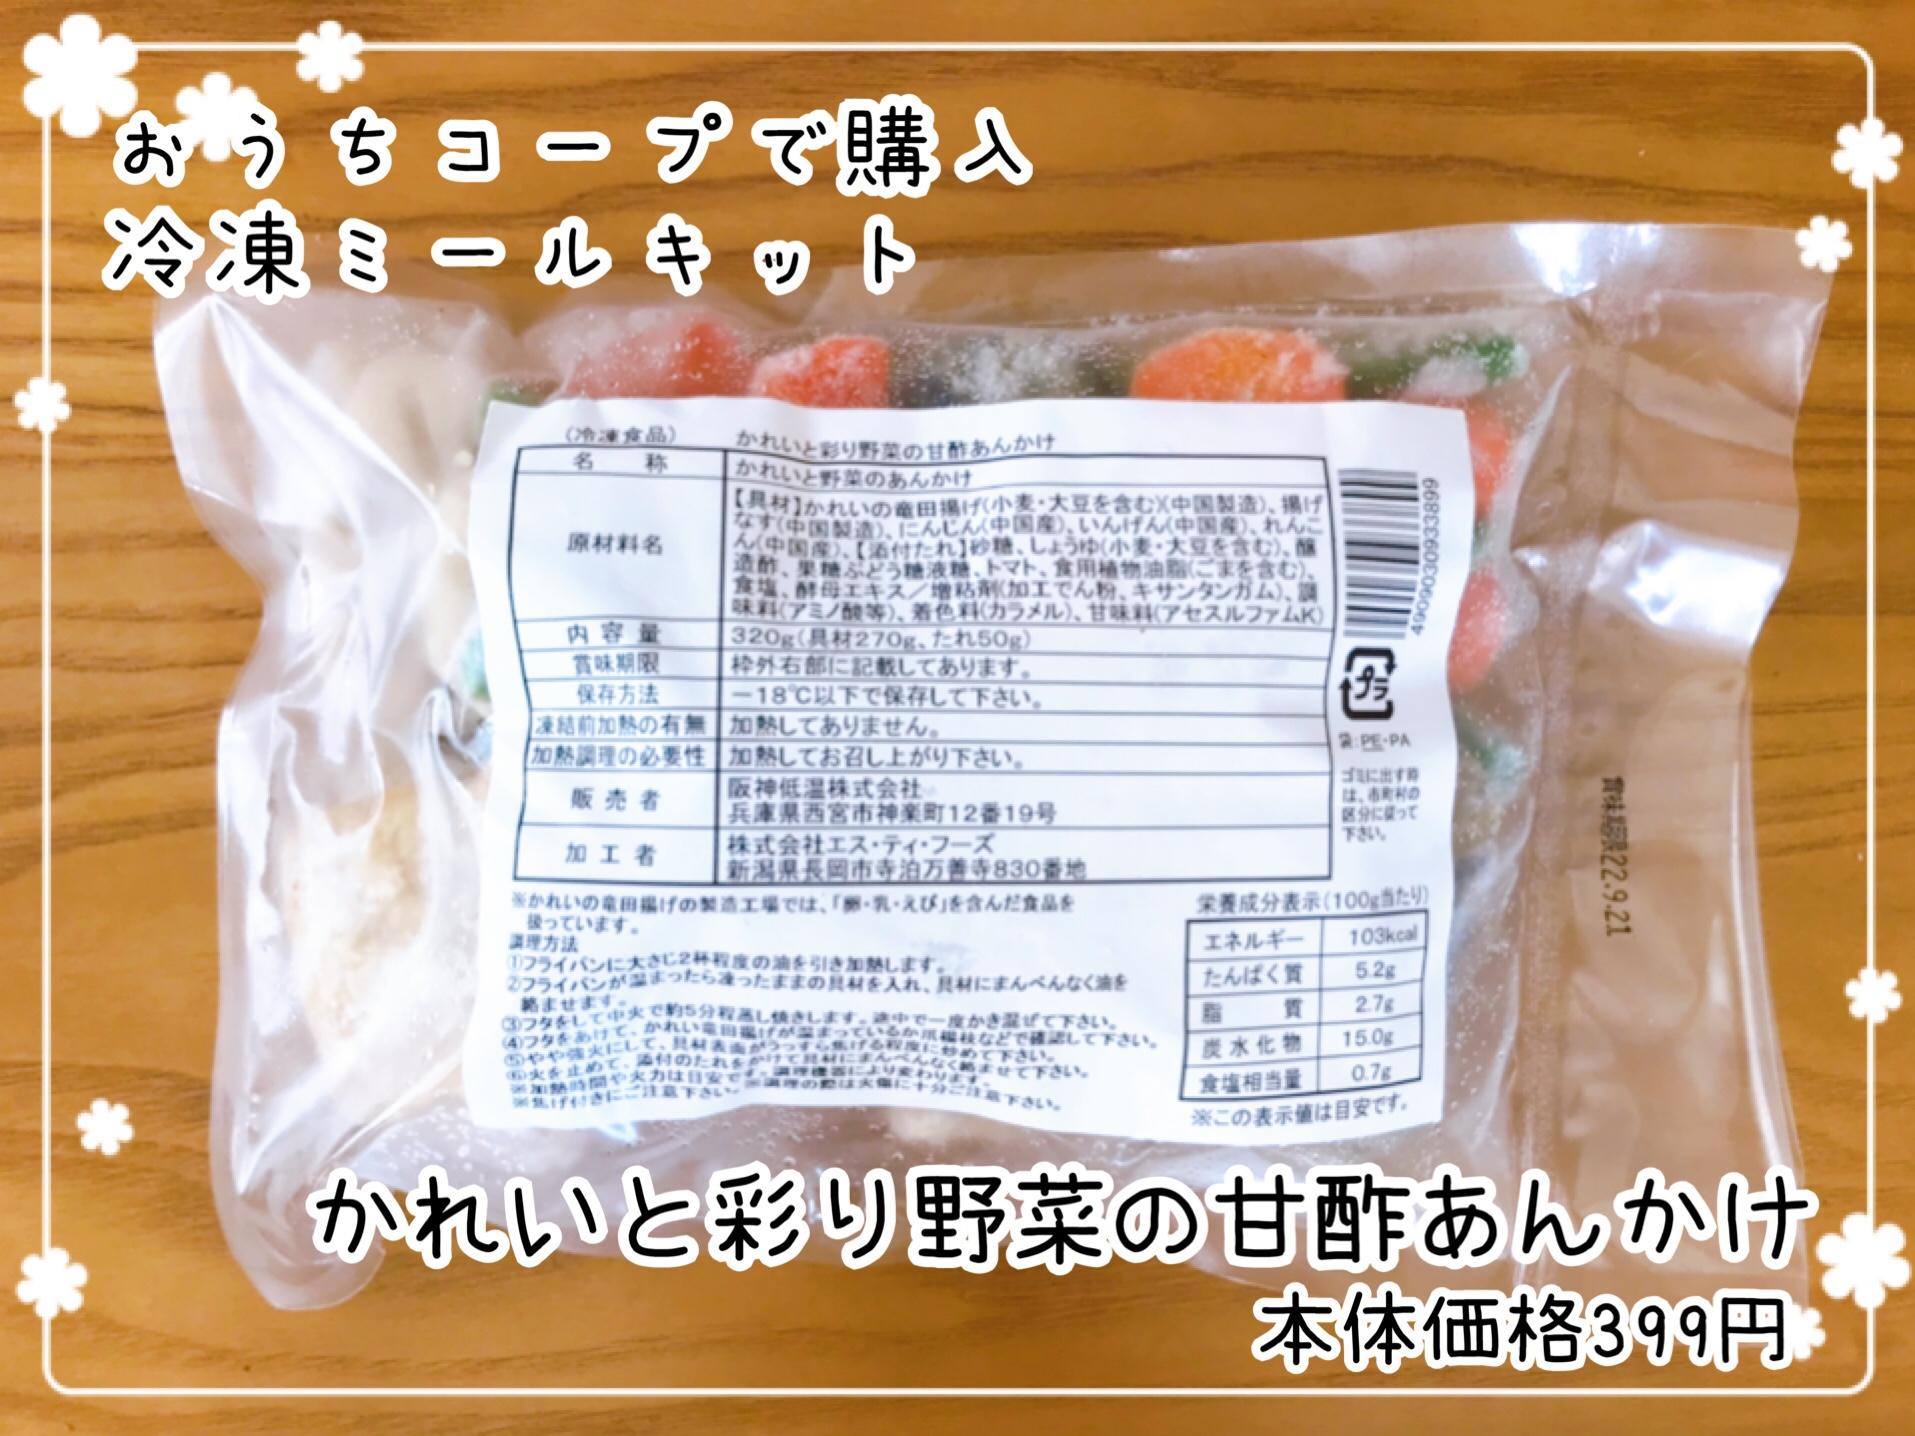 おうちコープの冷凍ミールキット